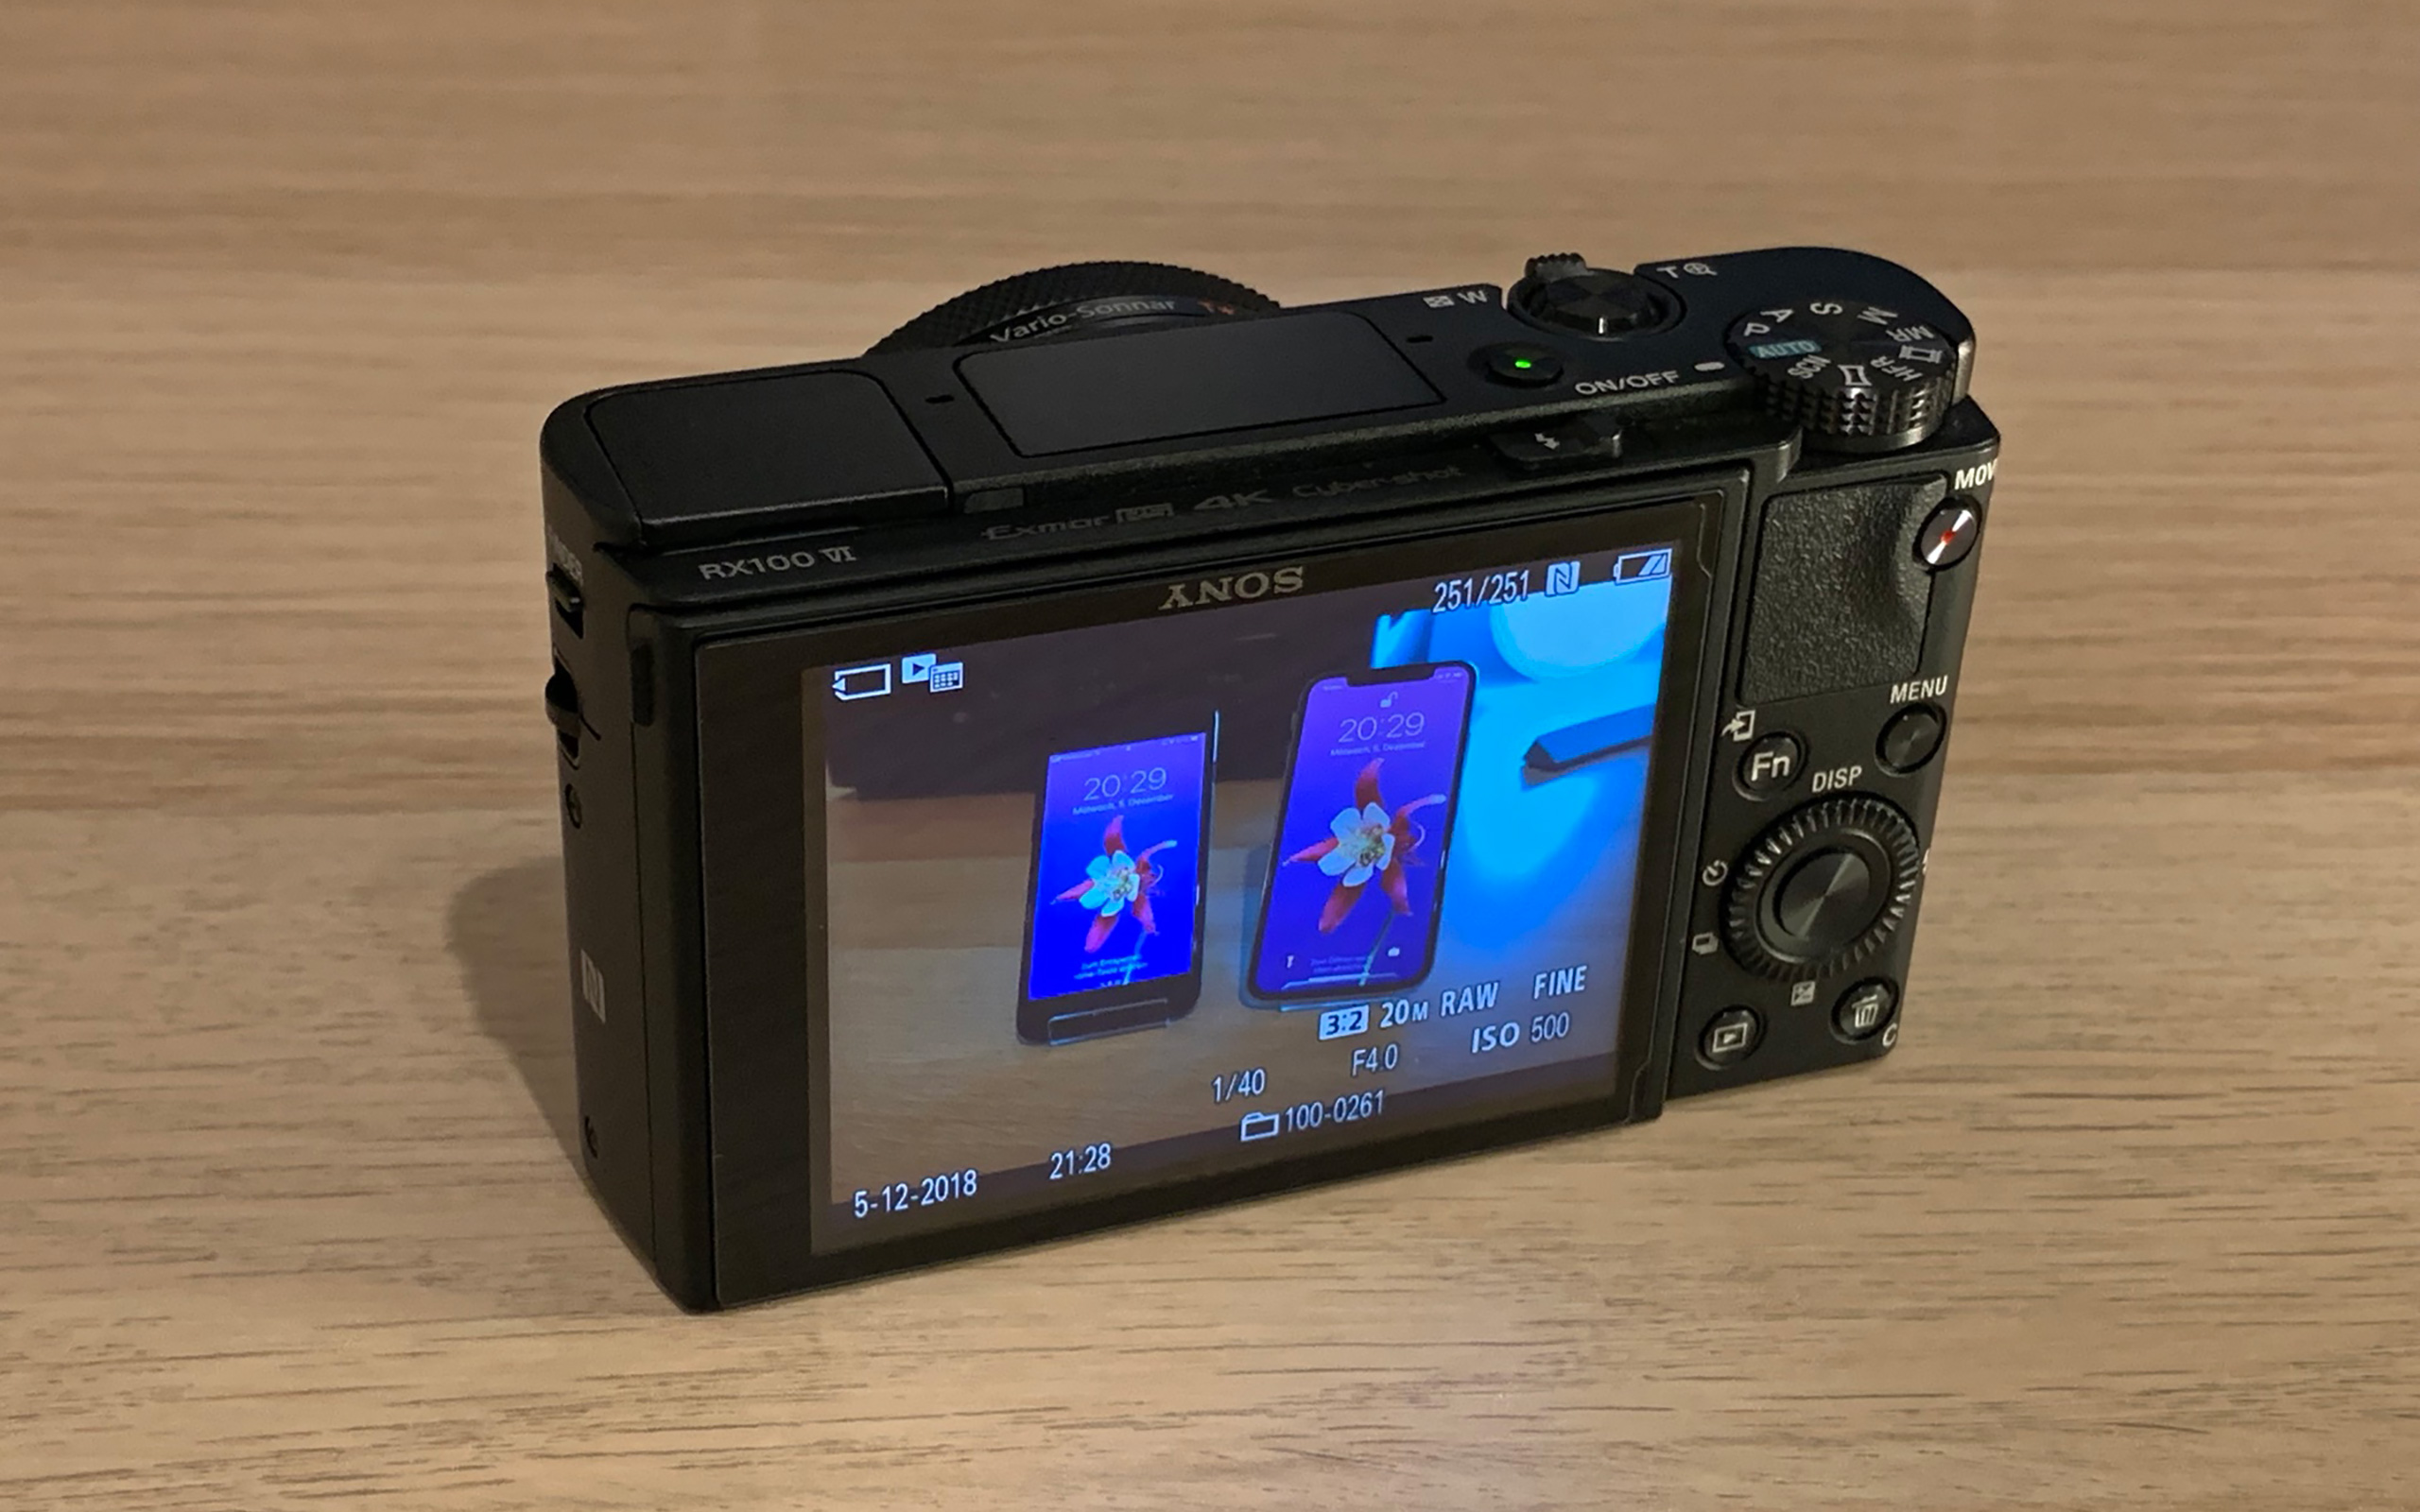 7,5 cm TFT-LCD mit 921.600 Bildpunkten.